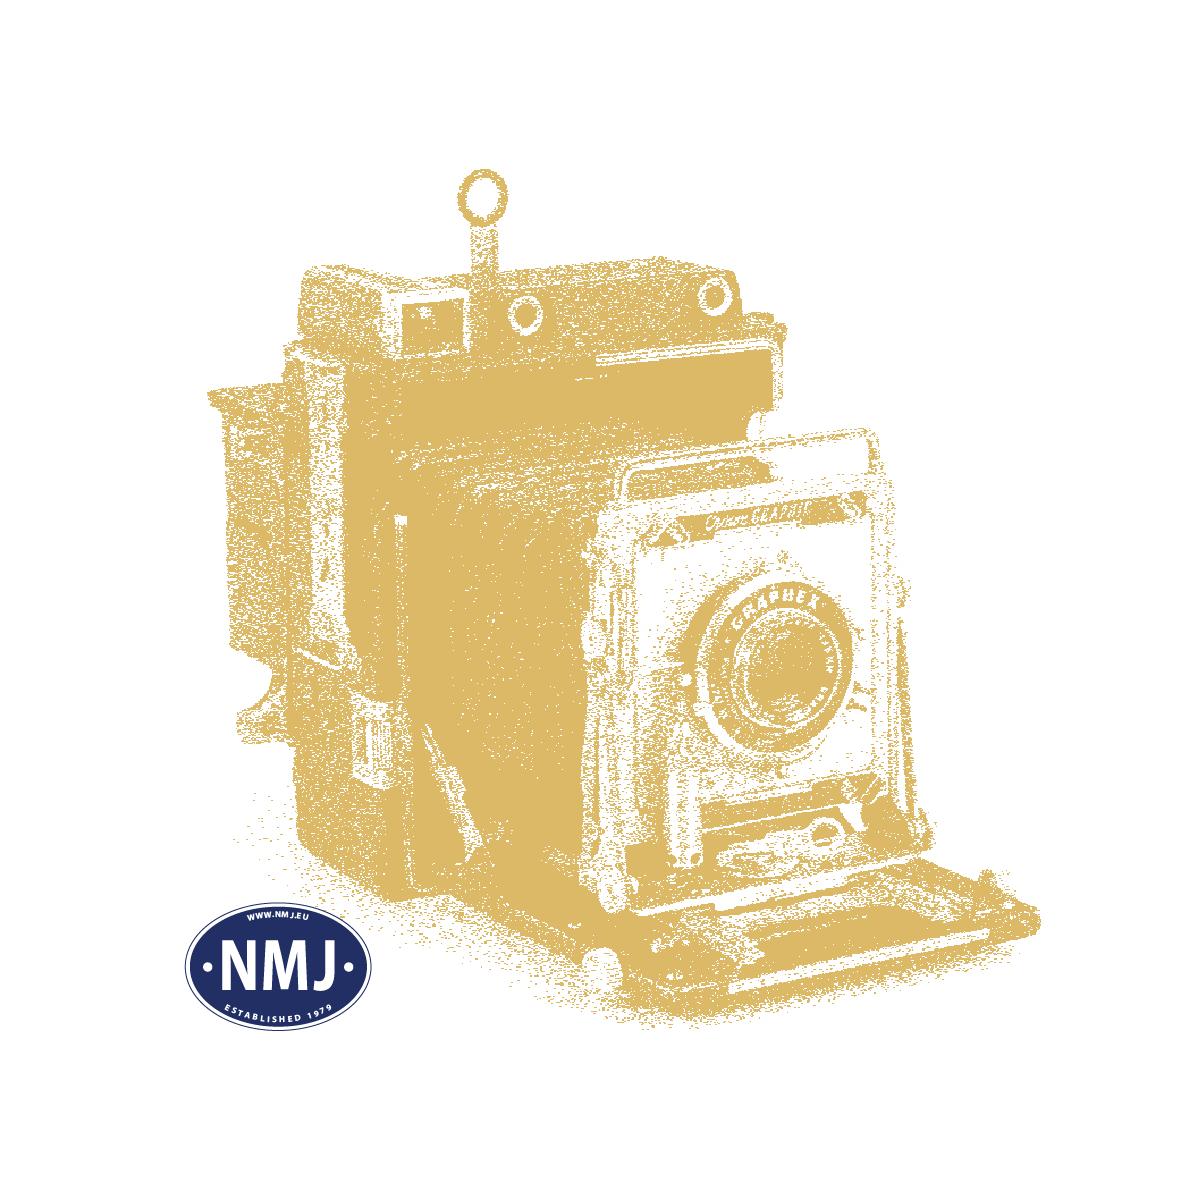 NMJT135.101 - NMJ Topline NSB AB11 24109, 1,/2. Klasse Personvogn,  Gammeldesign